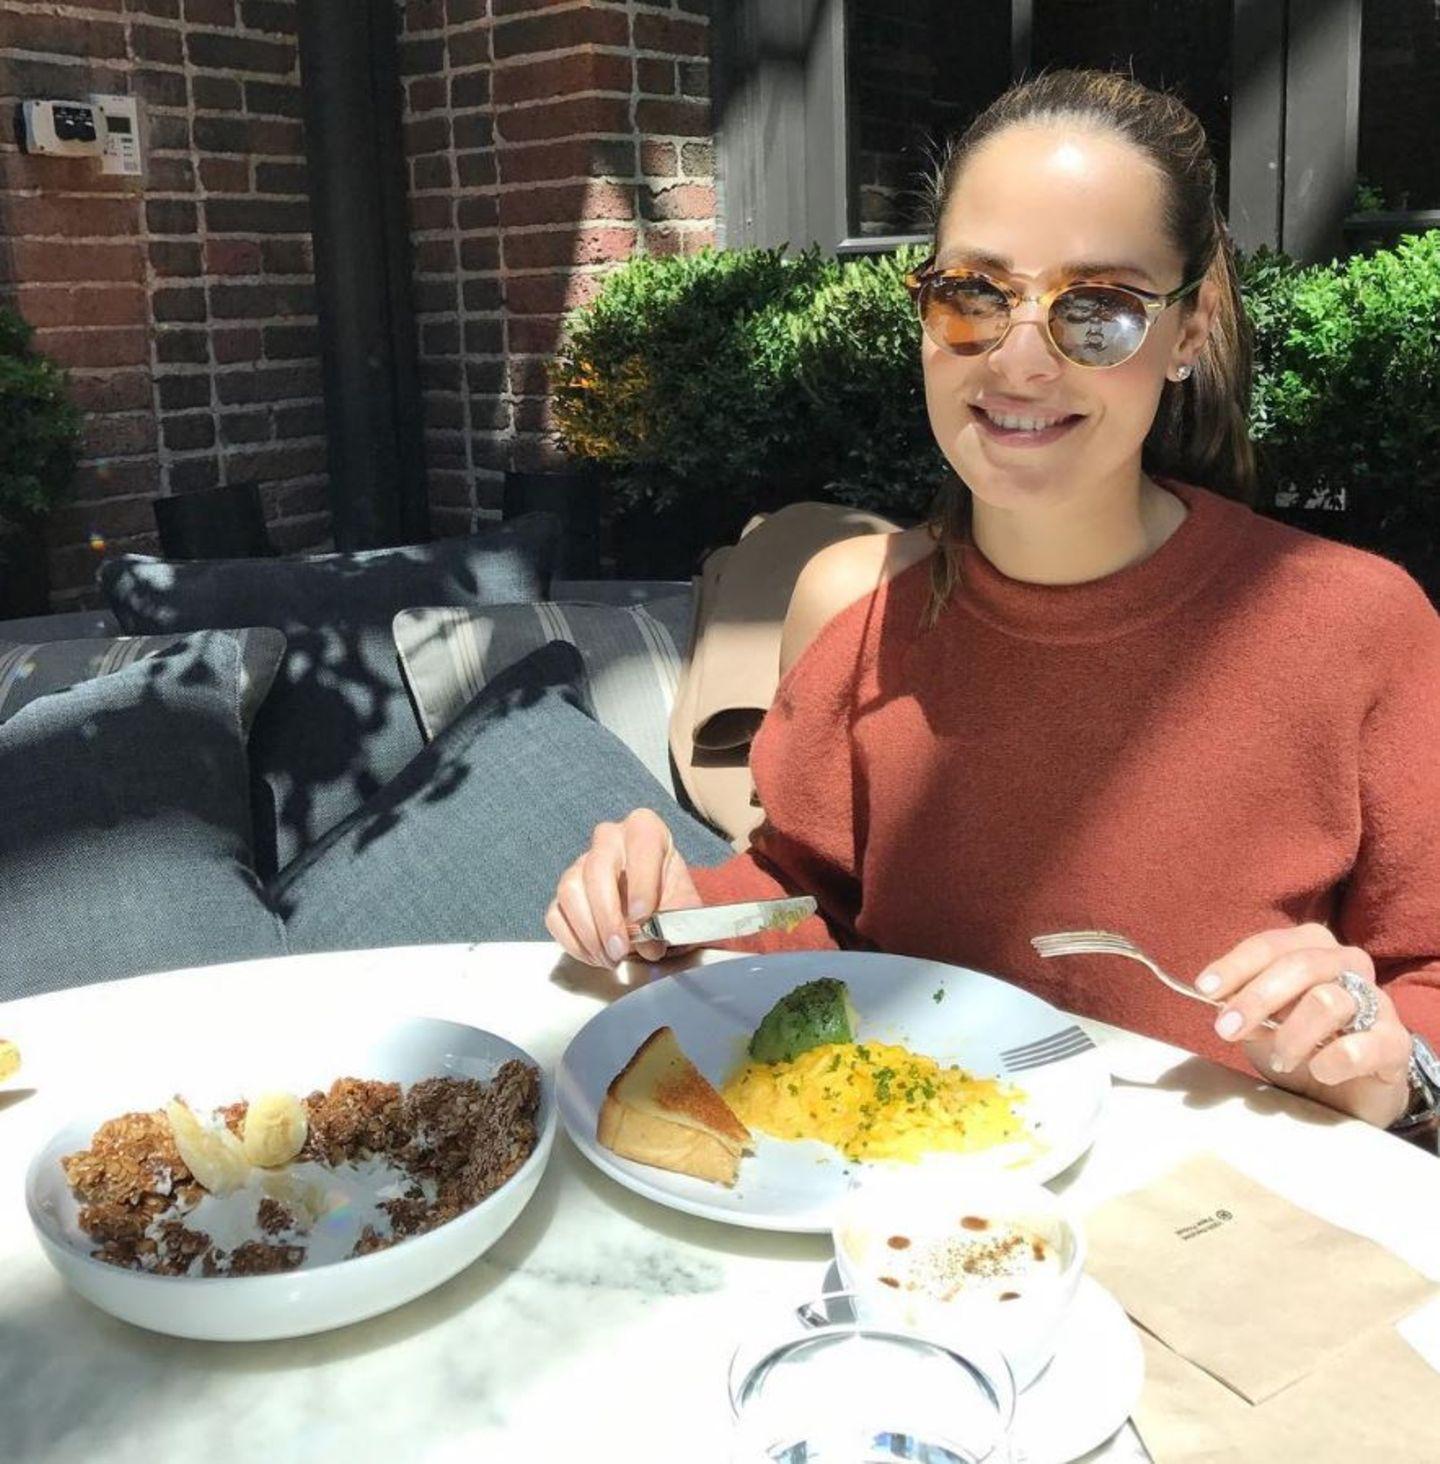 """""""Immer am Eier und Avokado essen. So lecker und so gesund!"""" - postet Ana Ivanovic."""